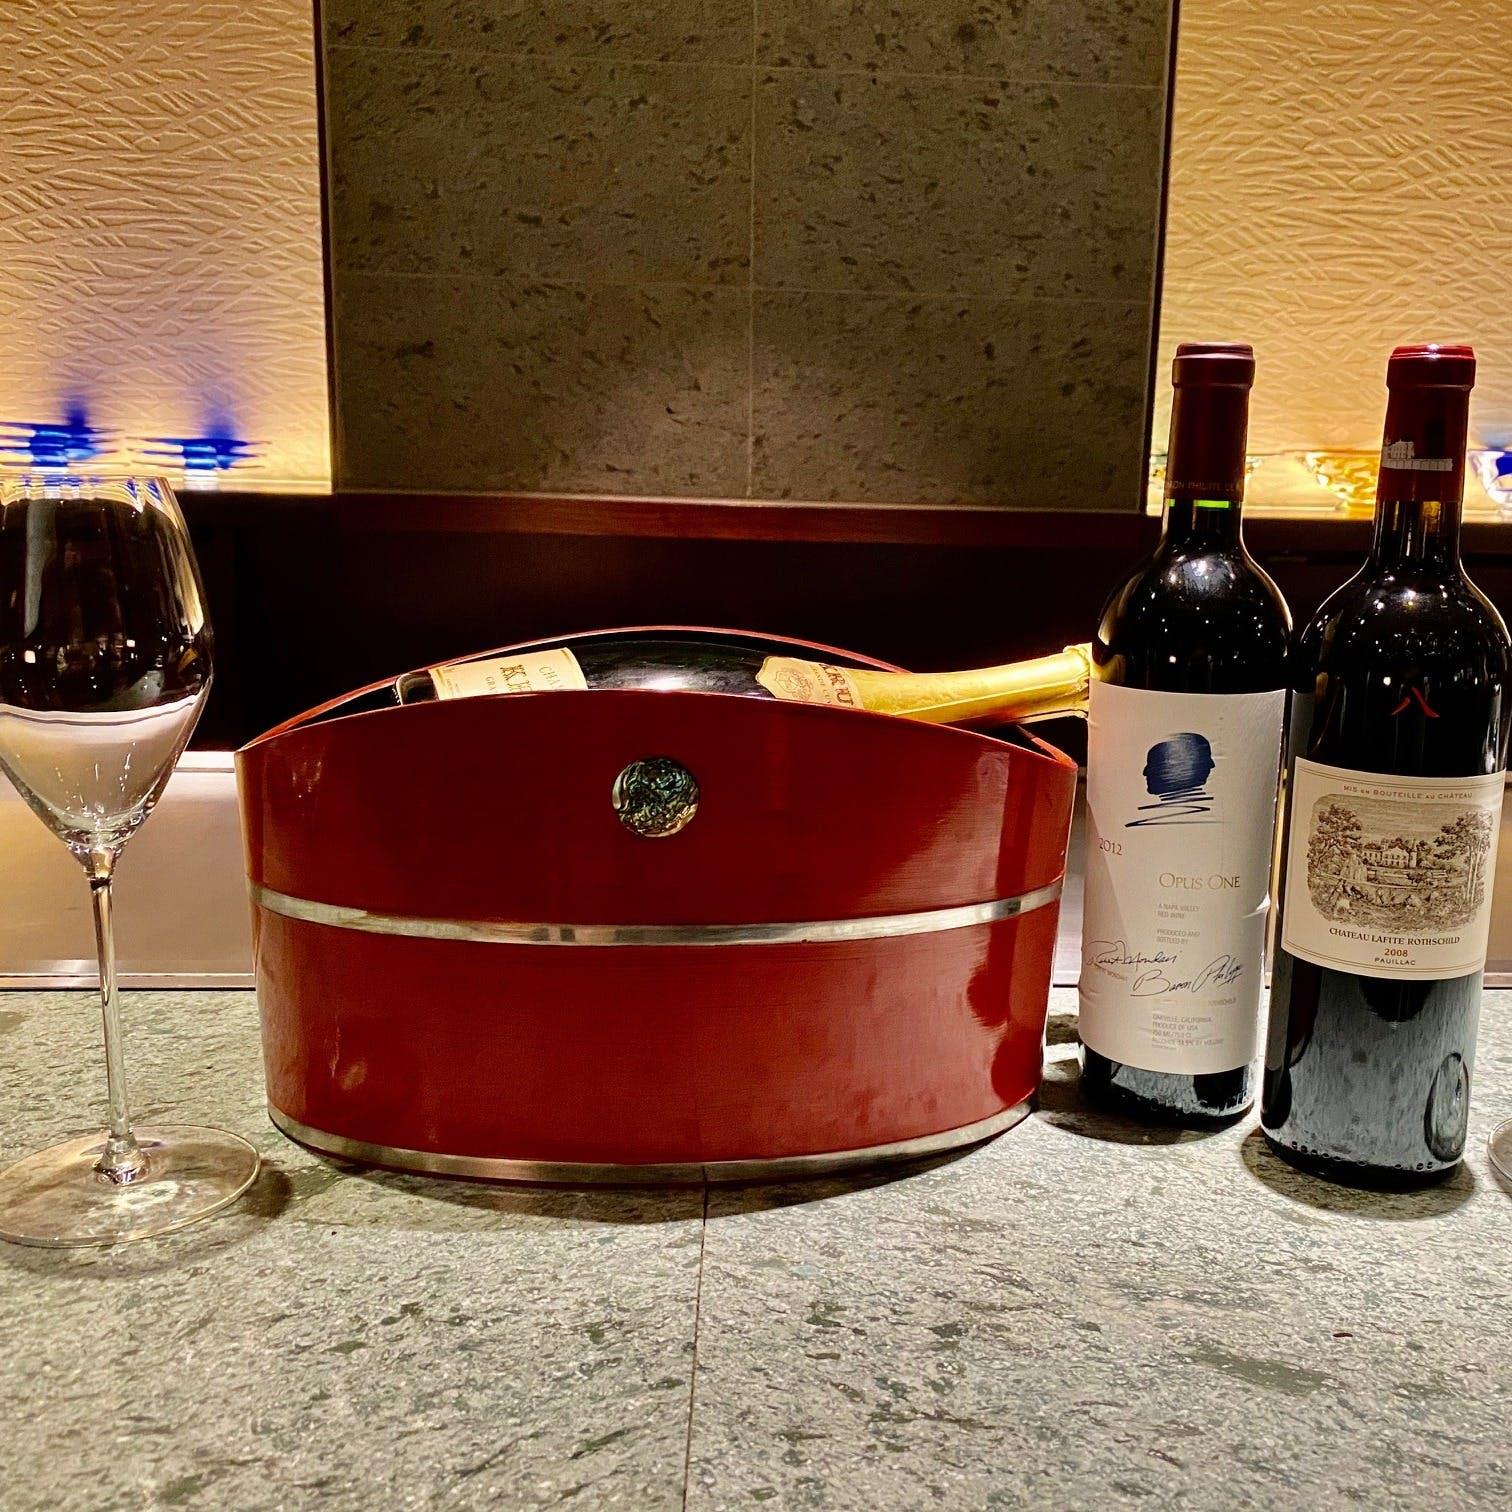 ソムリエが選りすぐるワインを豊富に取り揃え